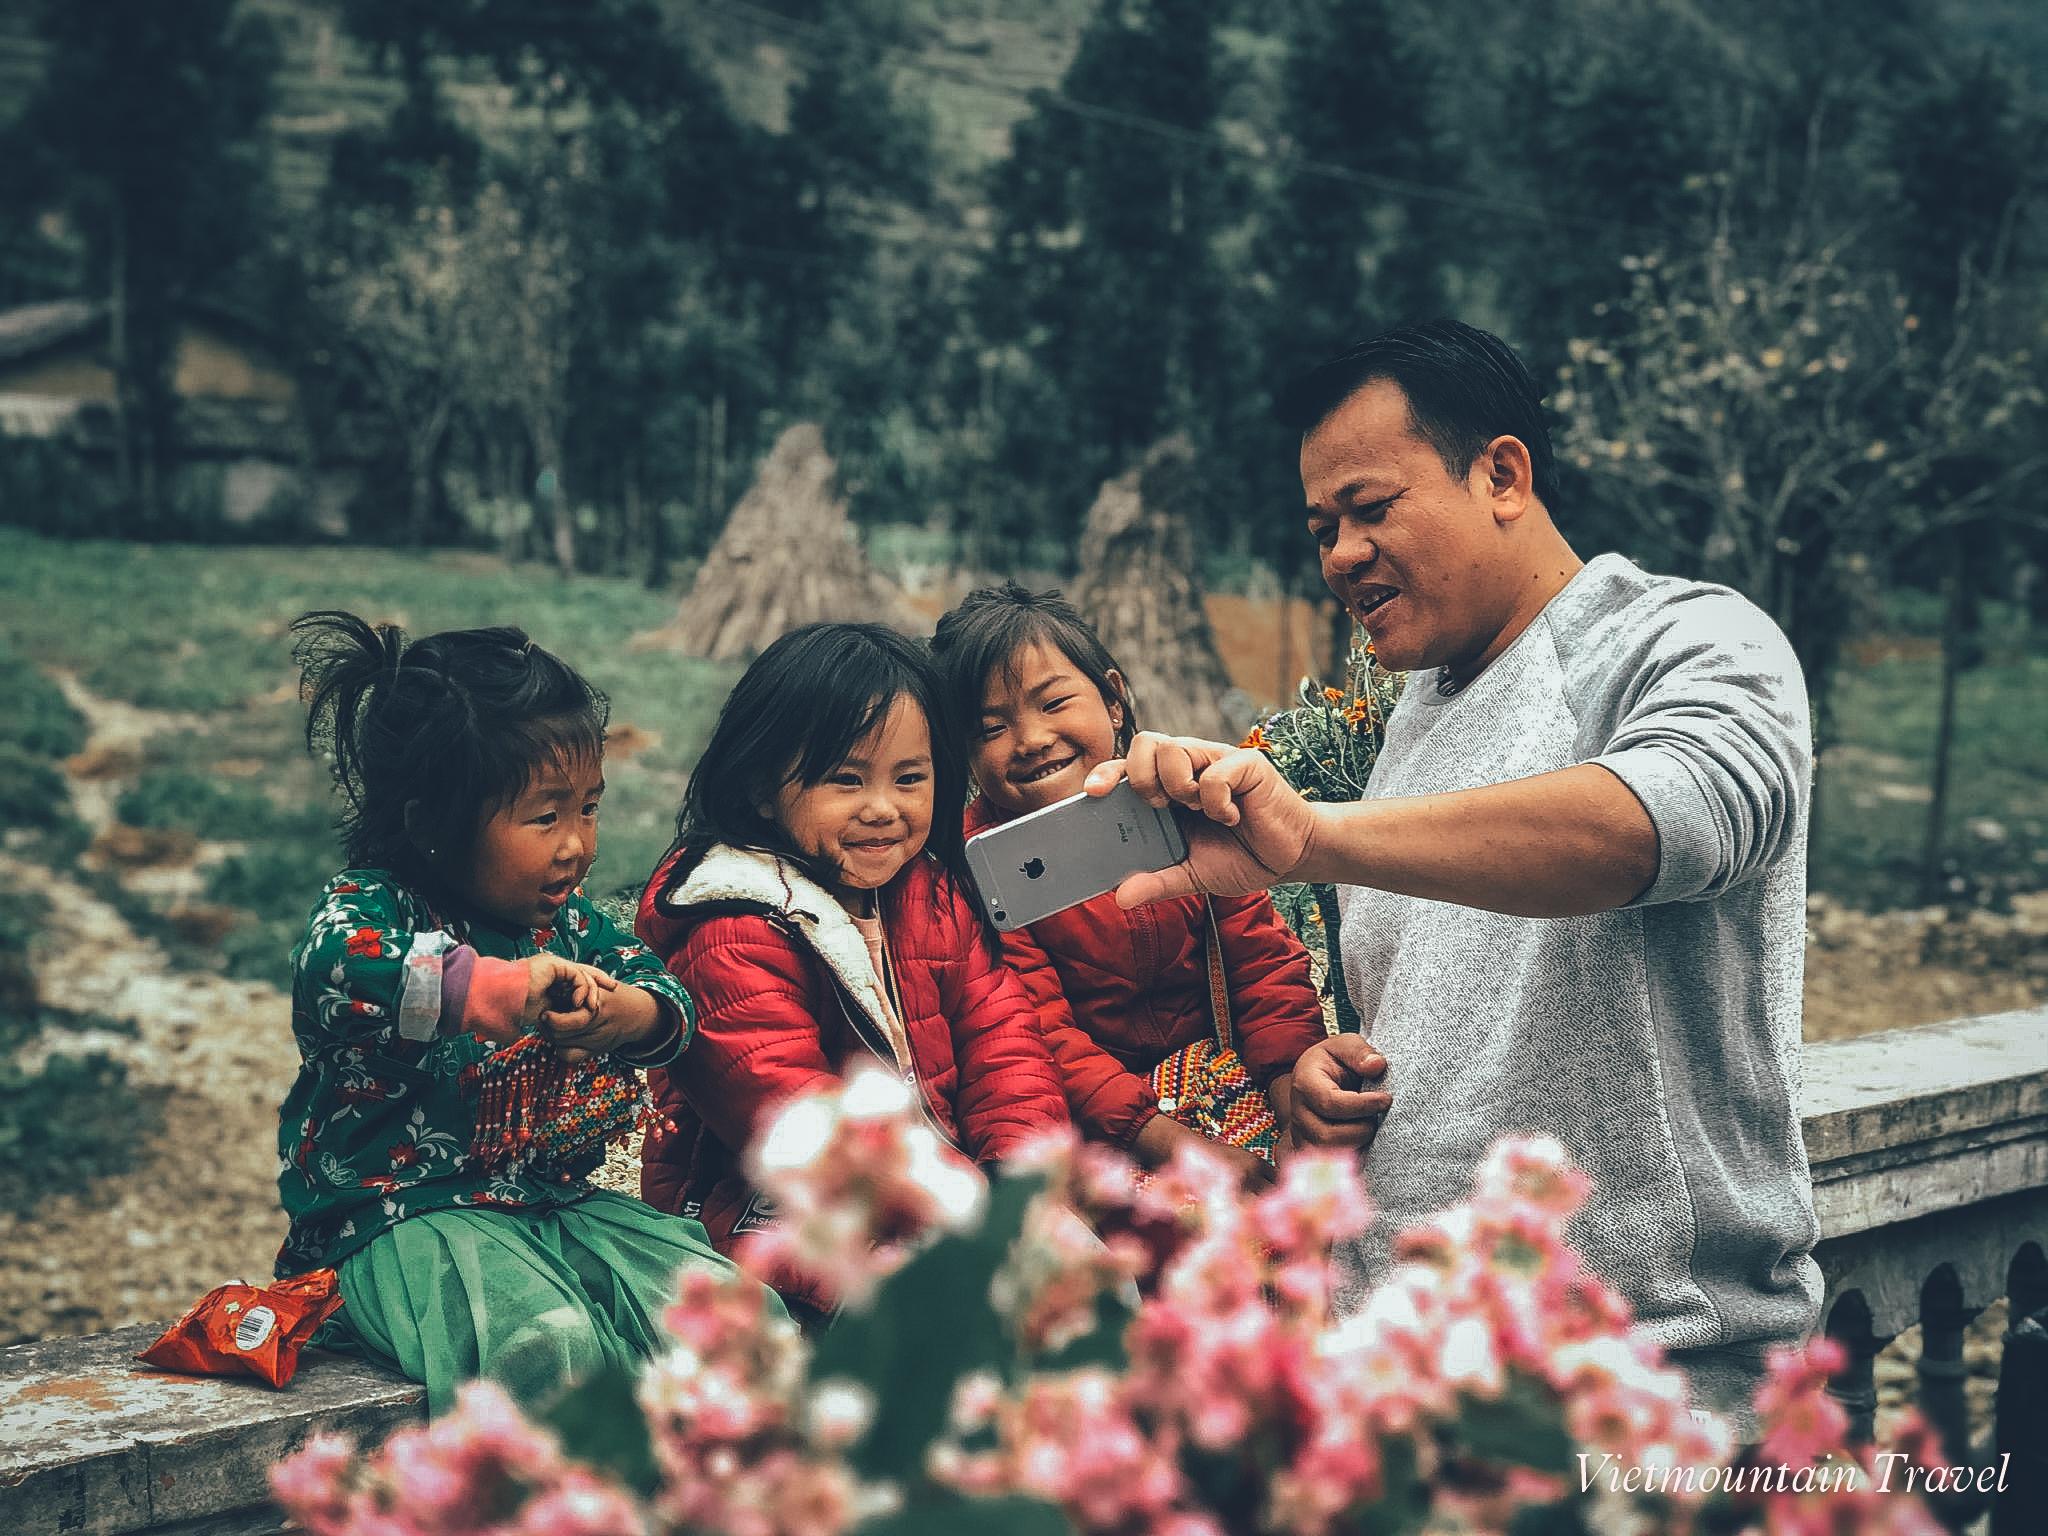 Thoi-gian-ly-tuong-de-len-ha-giang-ngam-hoa-tam-giac-mach-du-lich-nui-viet-vietmountain-travel1